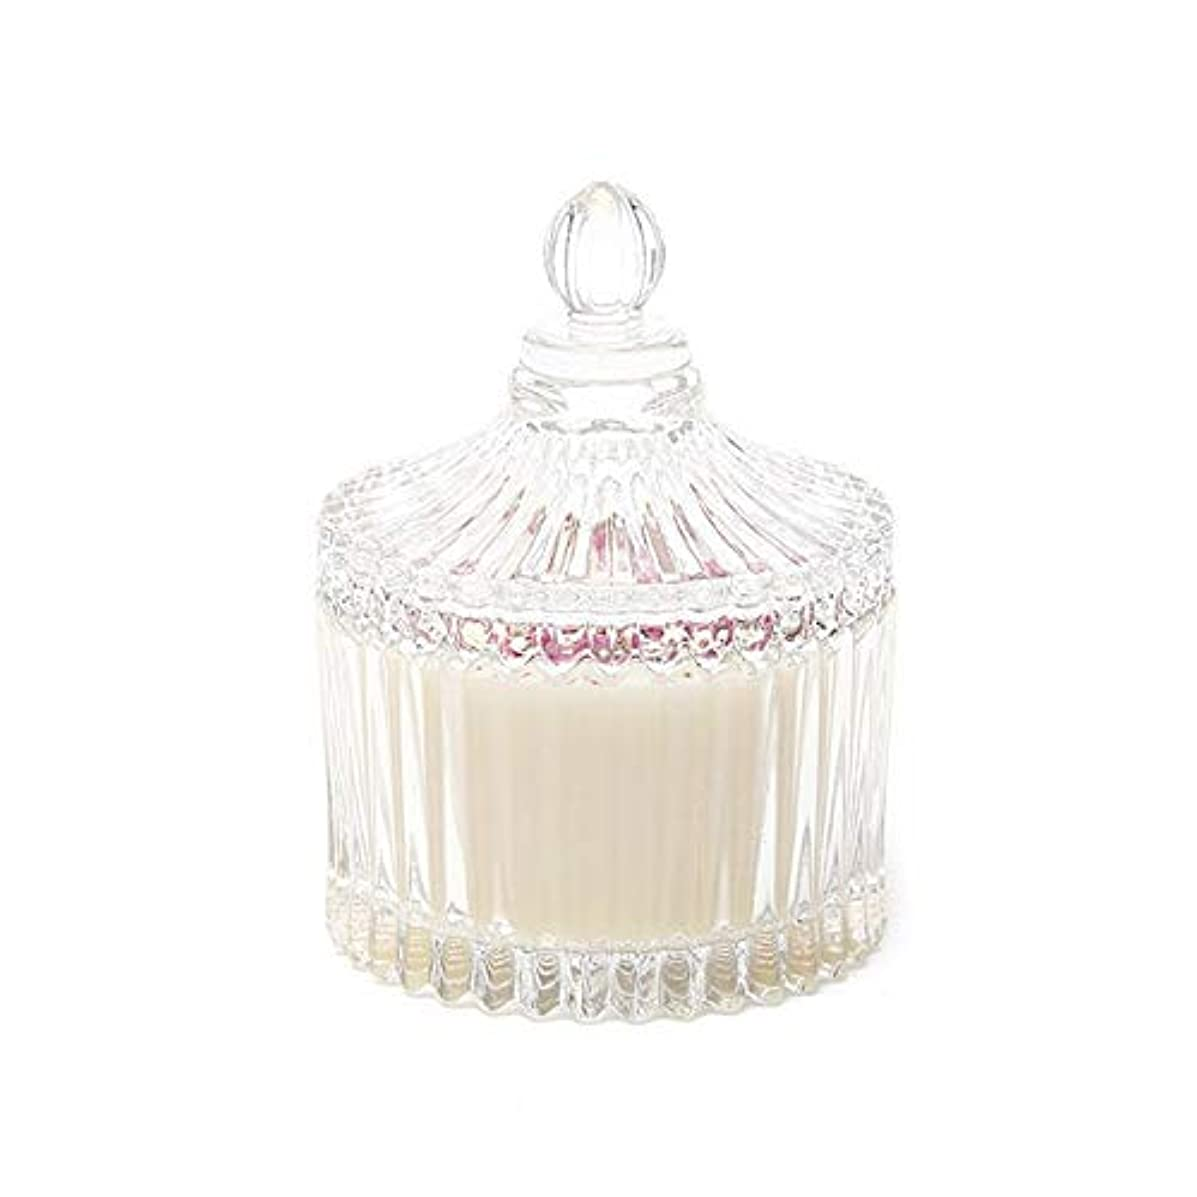 二詩禁止するZtian ピンクの花パオ単純なガラスボトルアロマセラピーガラスカップは無毒で環境に優しい (色 : Blackberries)